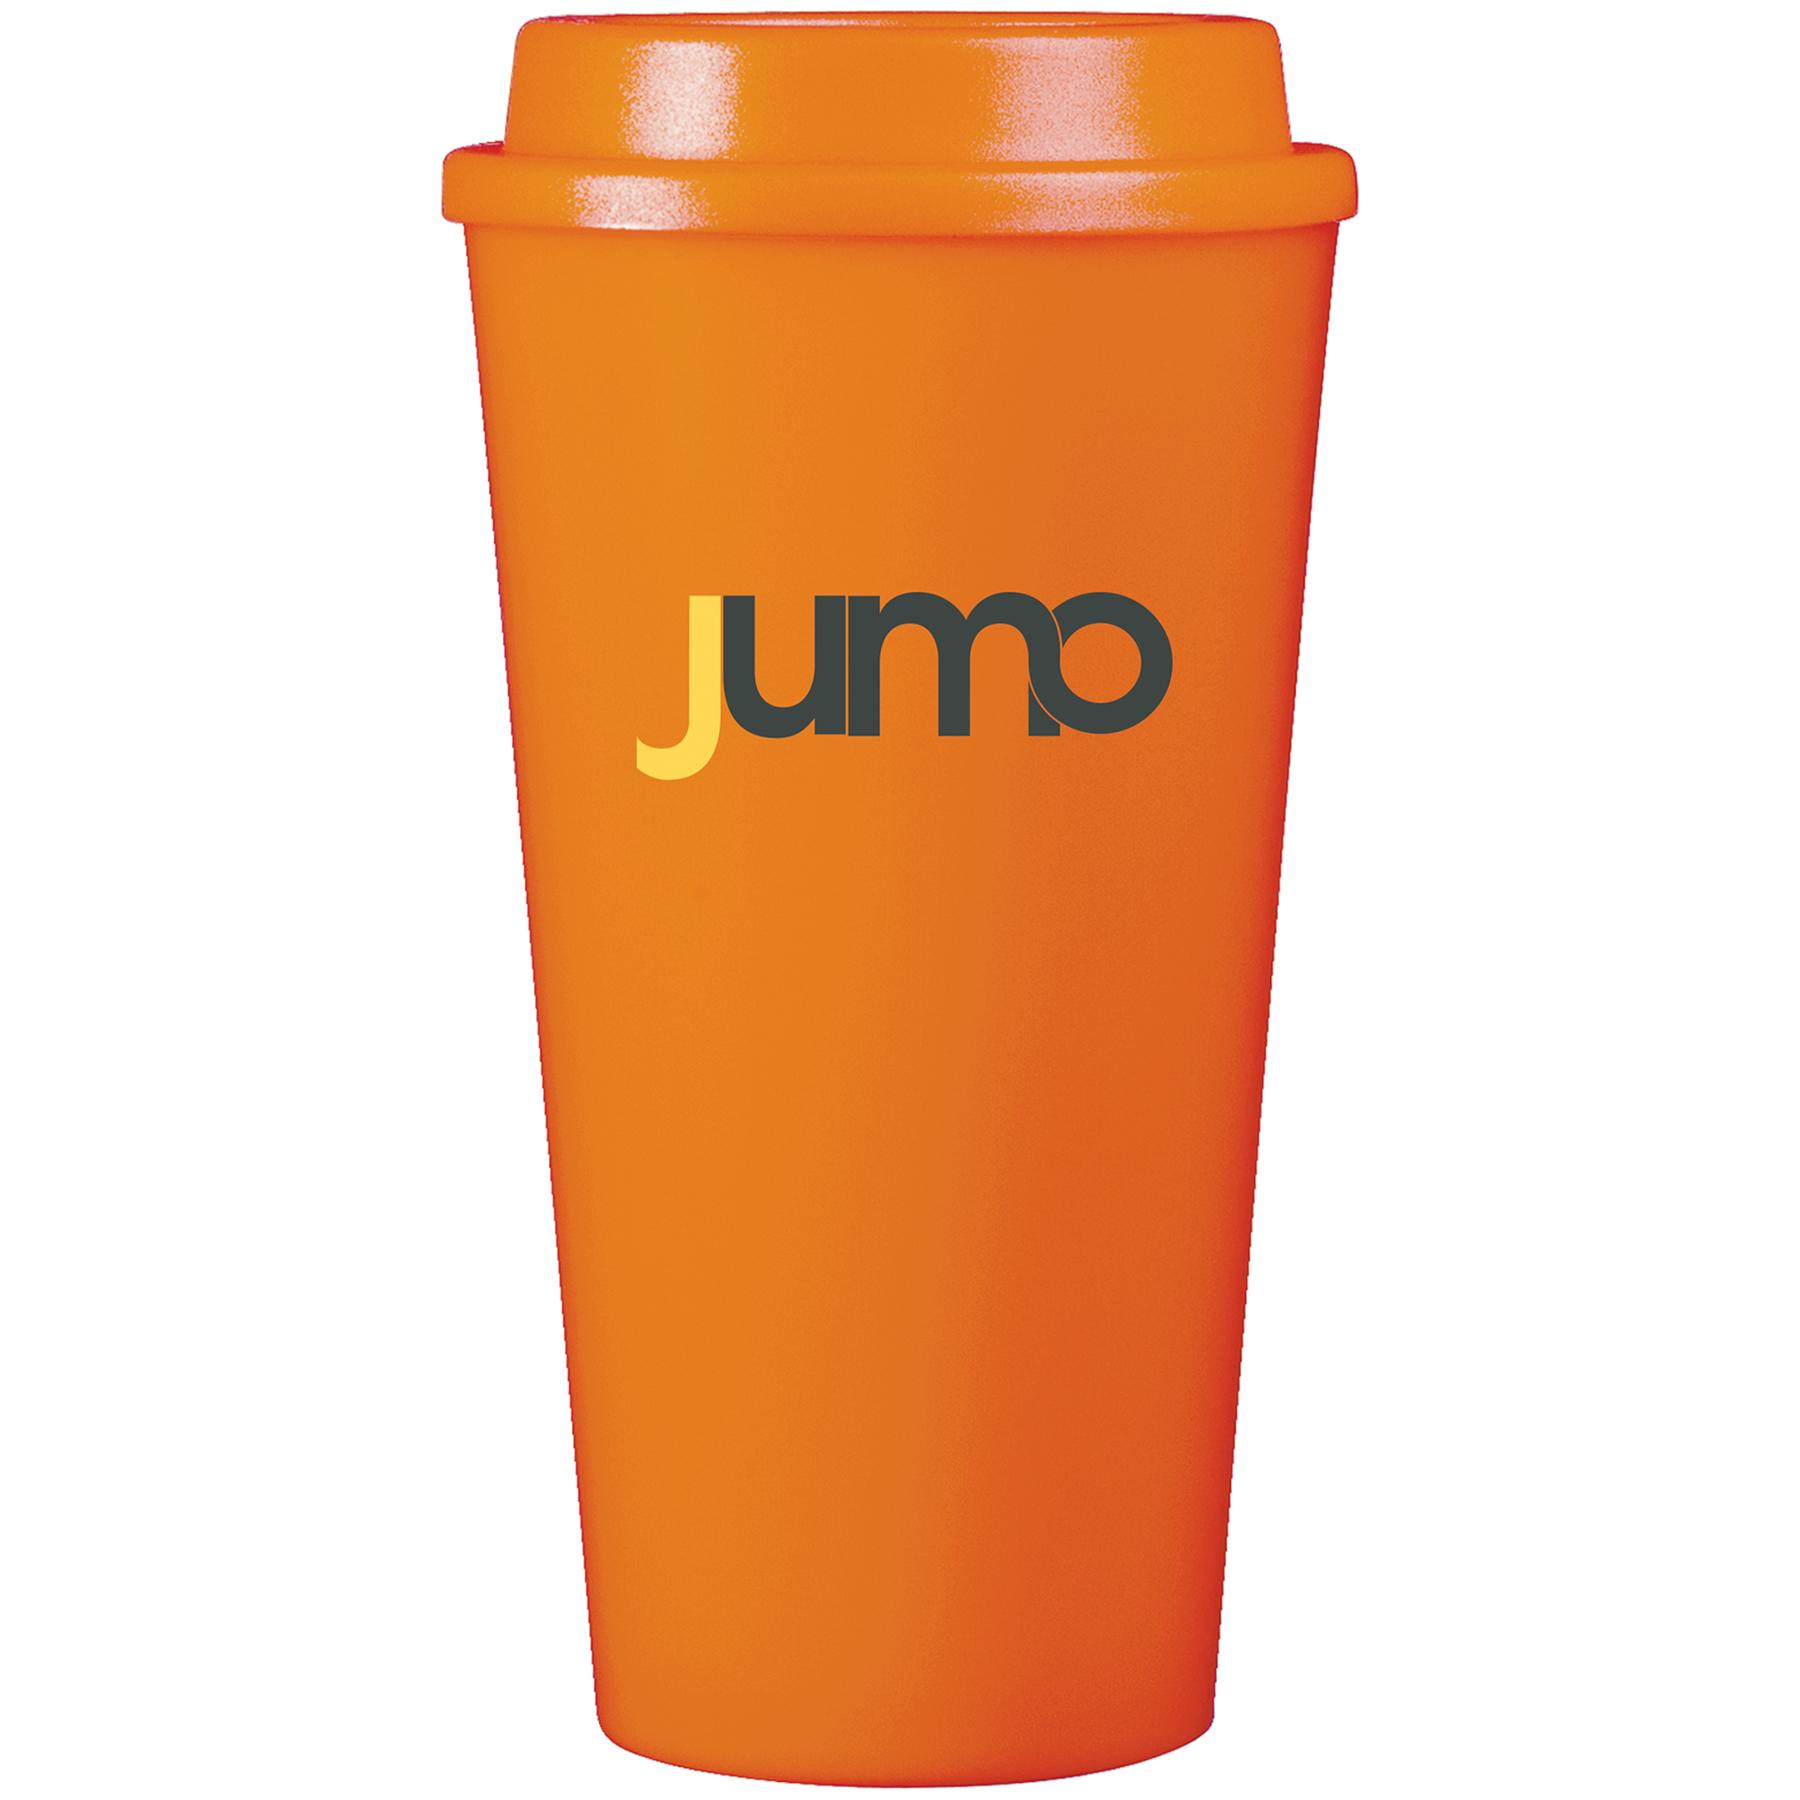 16 Oz. Cup2go Tumbler (Orange)